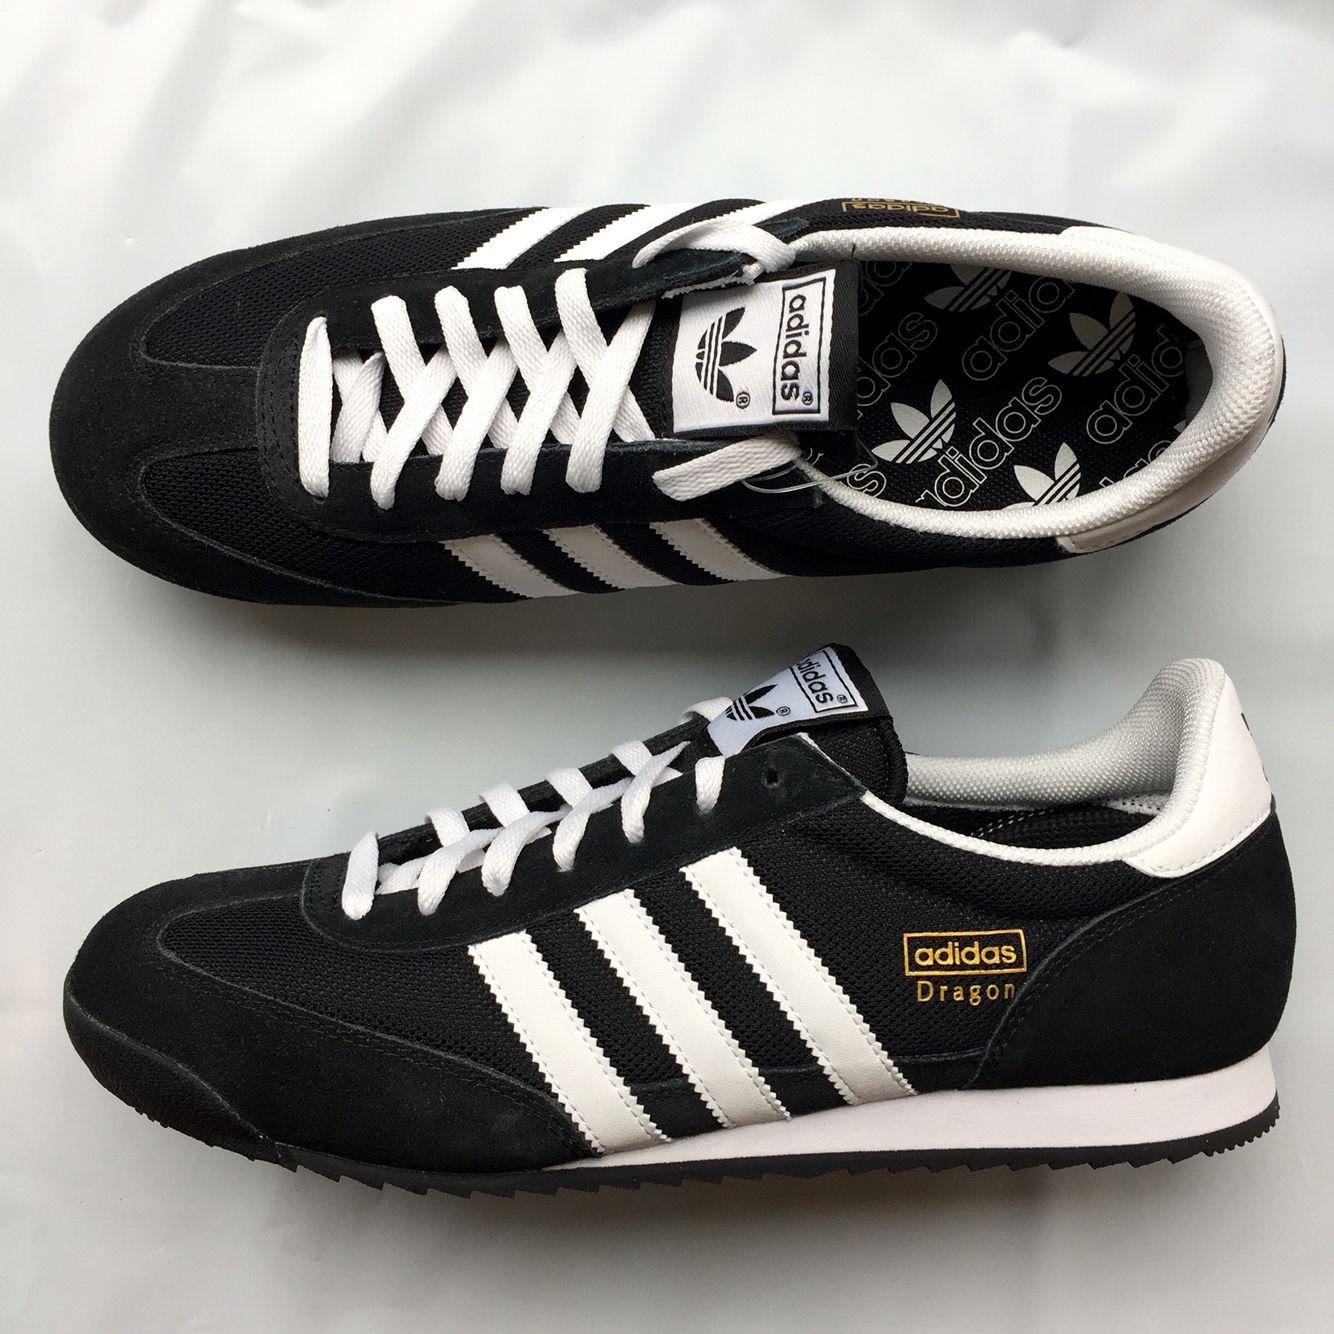 Adidas Dragon >Off72% Nero And White Cheap >Off72% Dragon Più Grande Catalogo fbf4e1